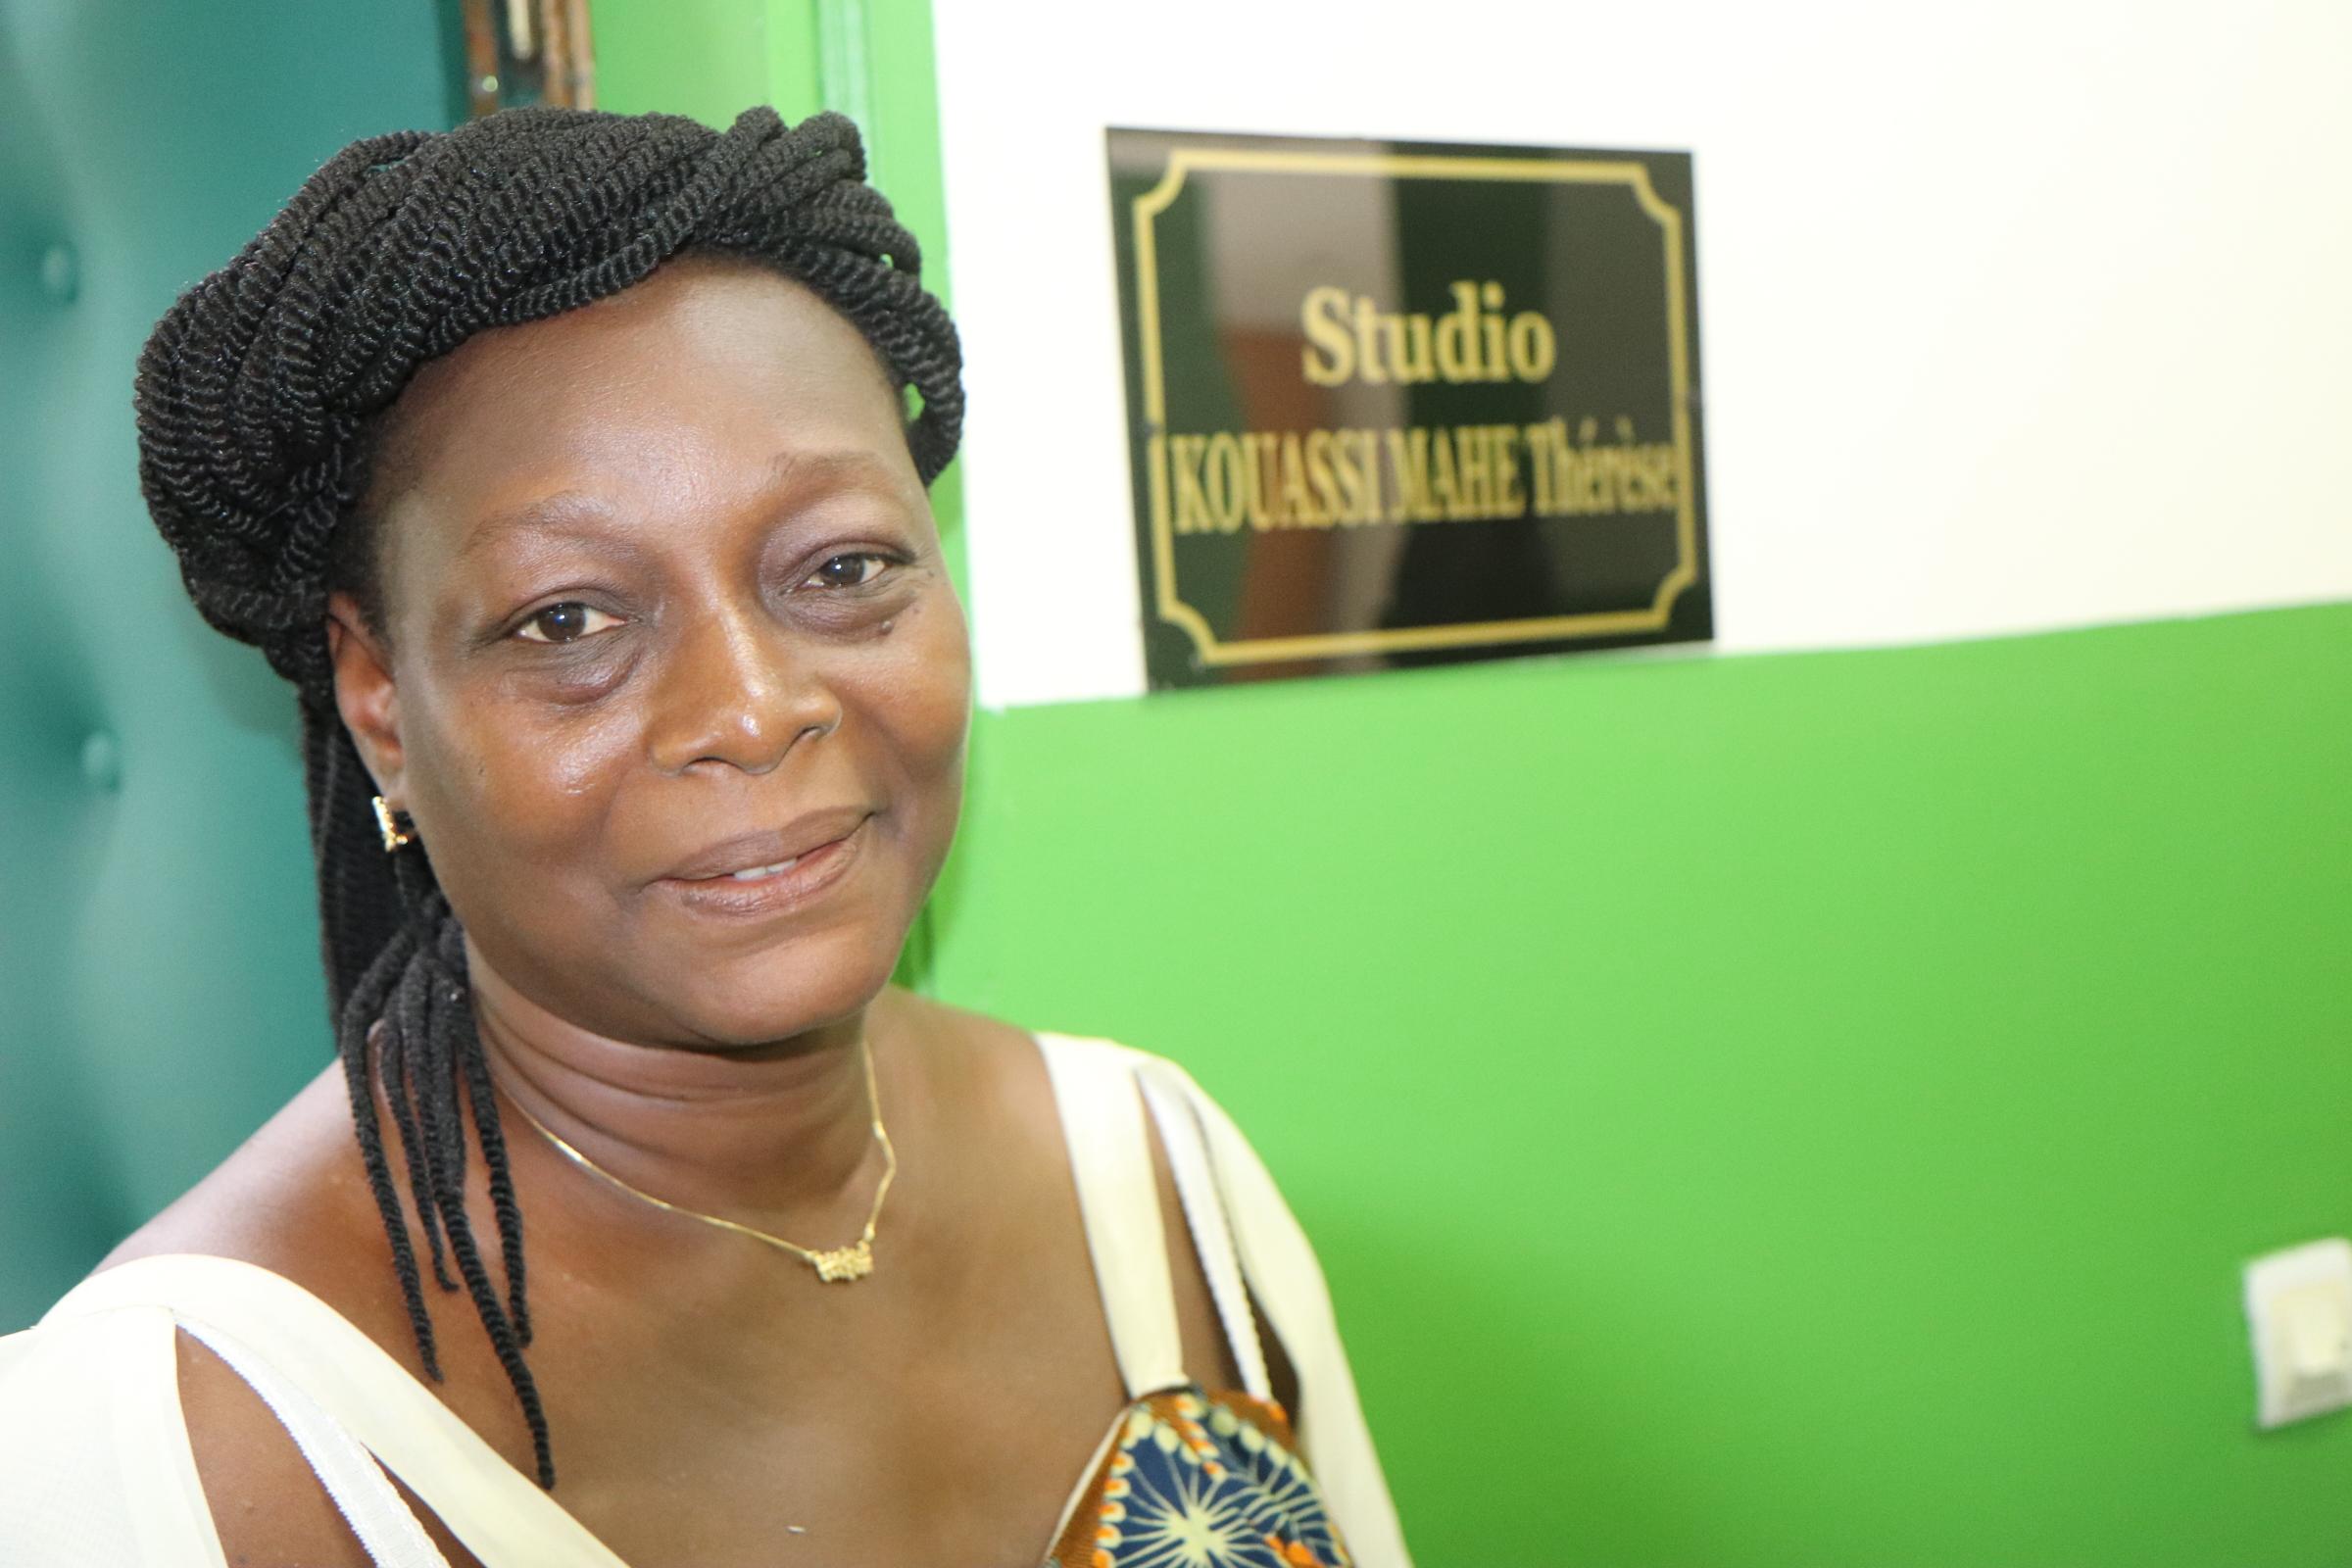 Mme Marcelle Ekou se tient devant le studio de diffusion qui porte désormais le nom de sa mère Kouassi Mahé Thérèse honorée pendant la semaine des festivités marquant les 10 années d'existence de La Voix de l'Espérance. Thérèse fait partie des bénévoles qui animent les émissions en langues vernaculaires. Photo de Isaac Broune, UM News.